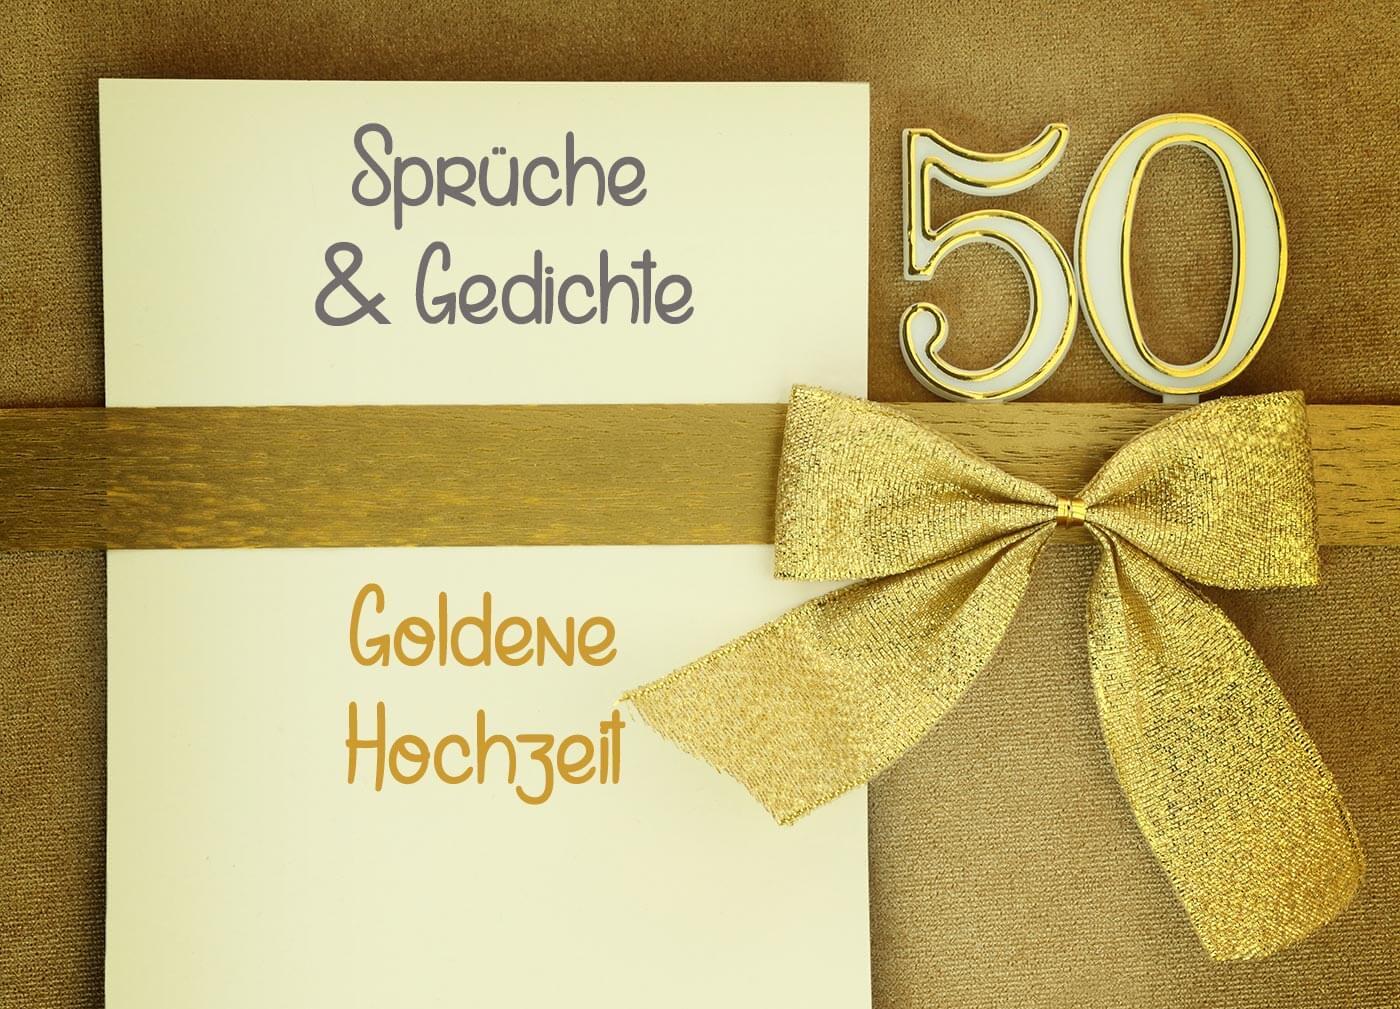 Sprüche zur Goldenen Hochzeit | Zitate | Gedichte | Bibelverse